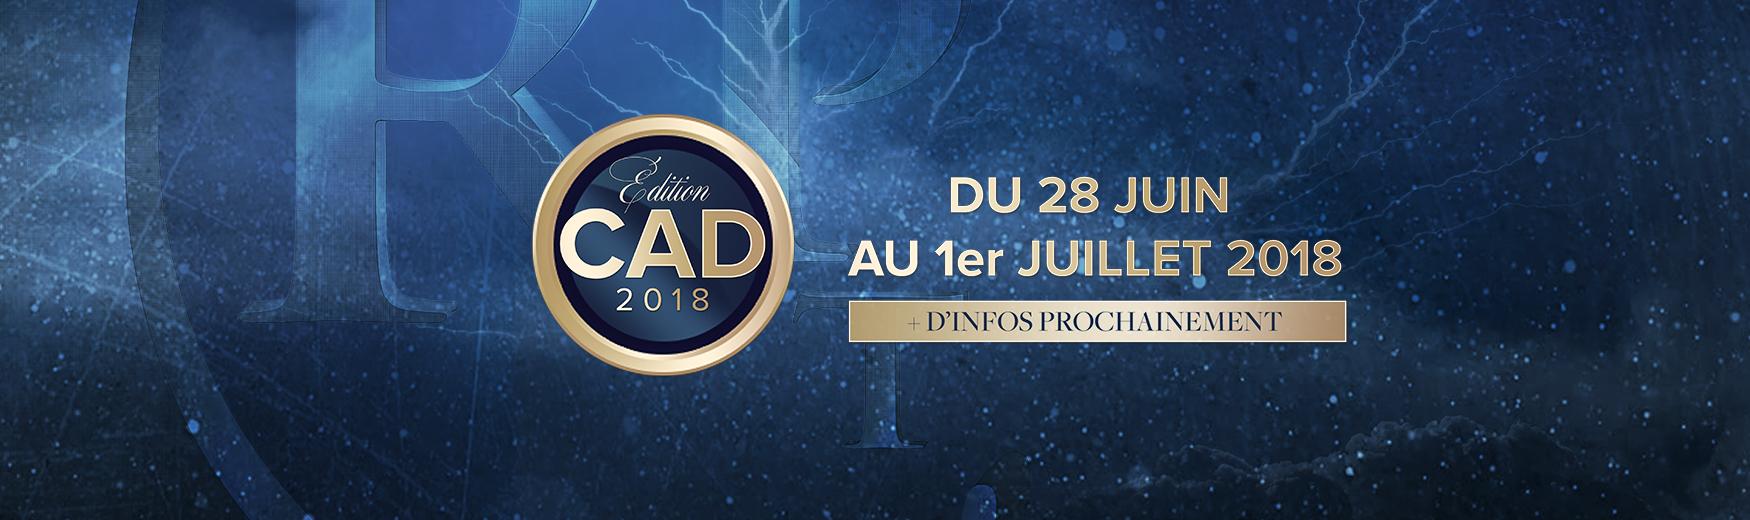 Conférence 2018 à Lorient